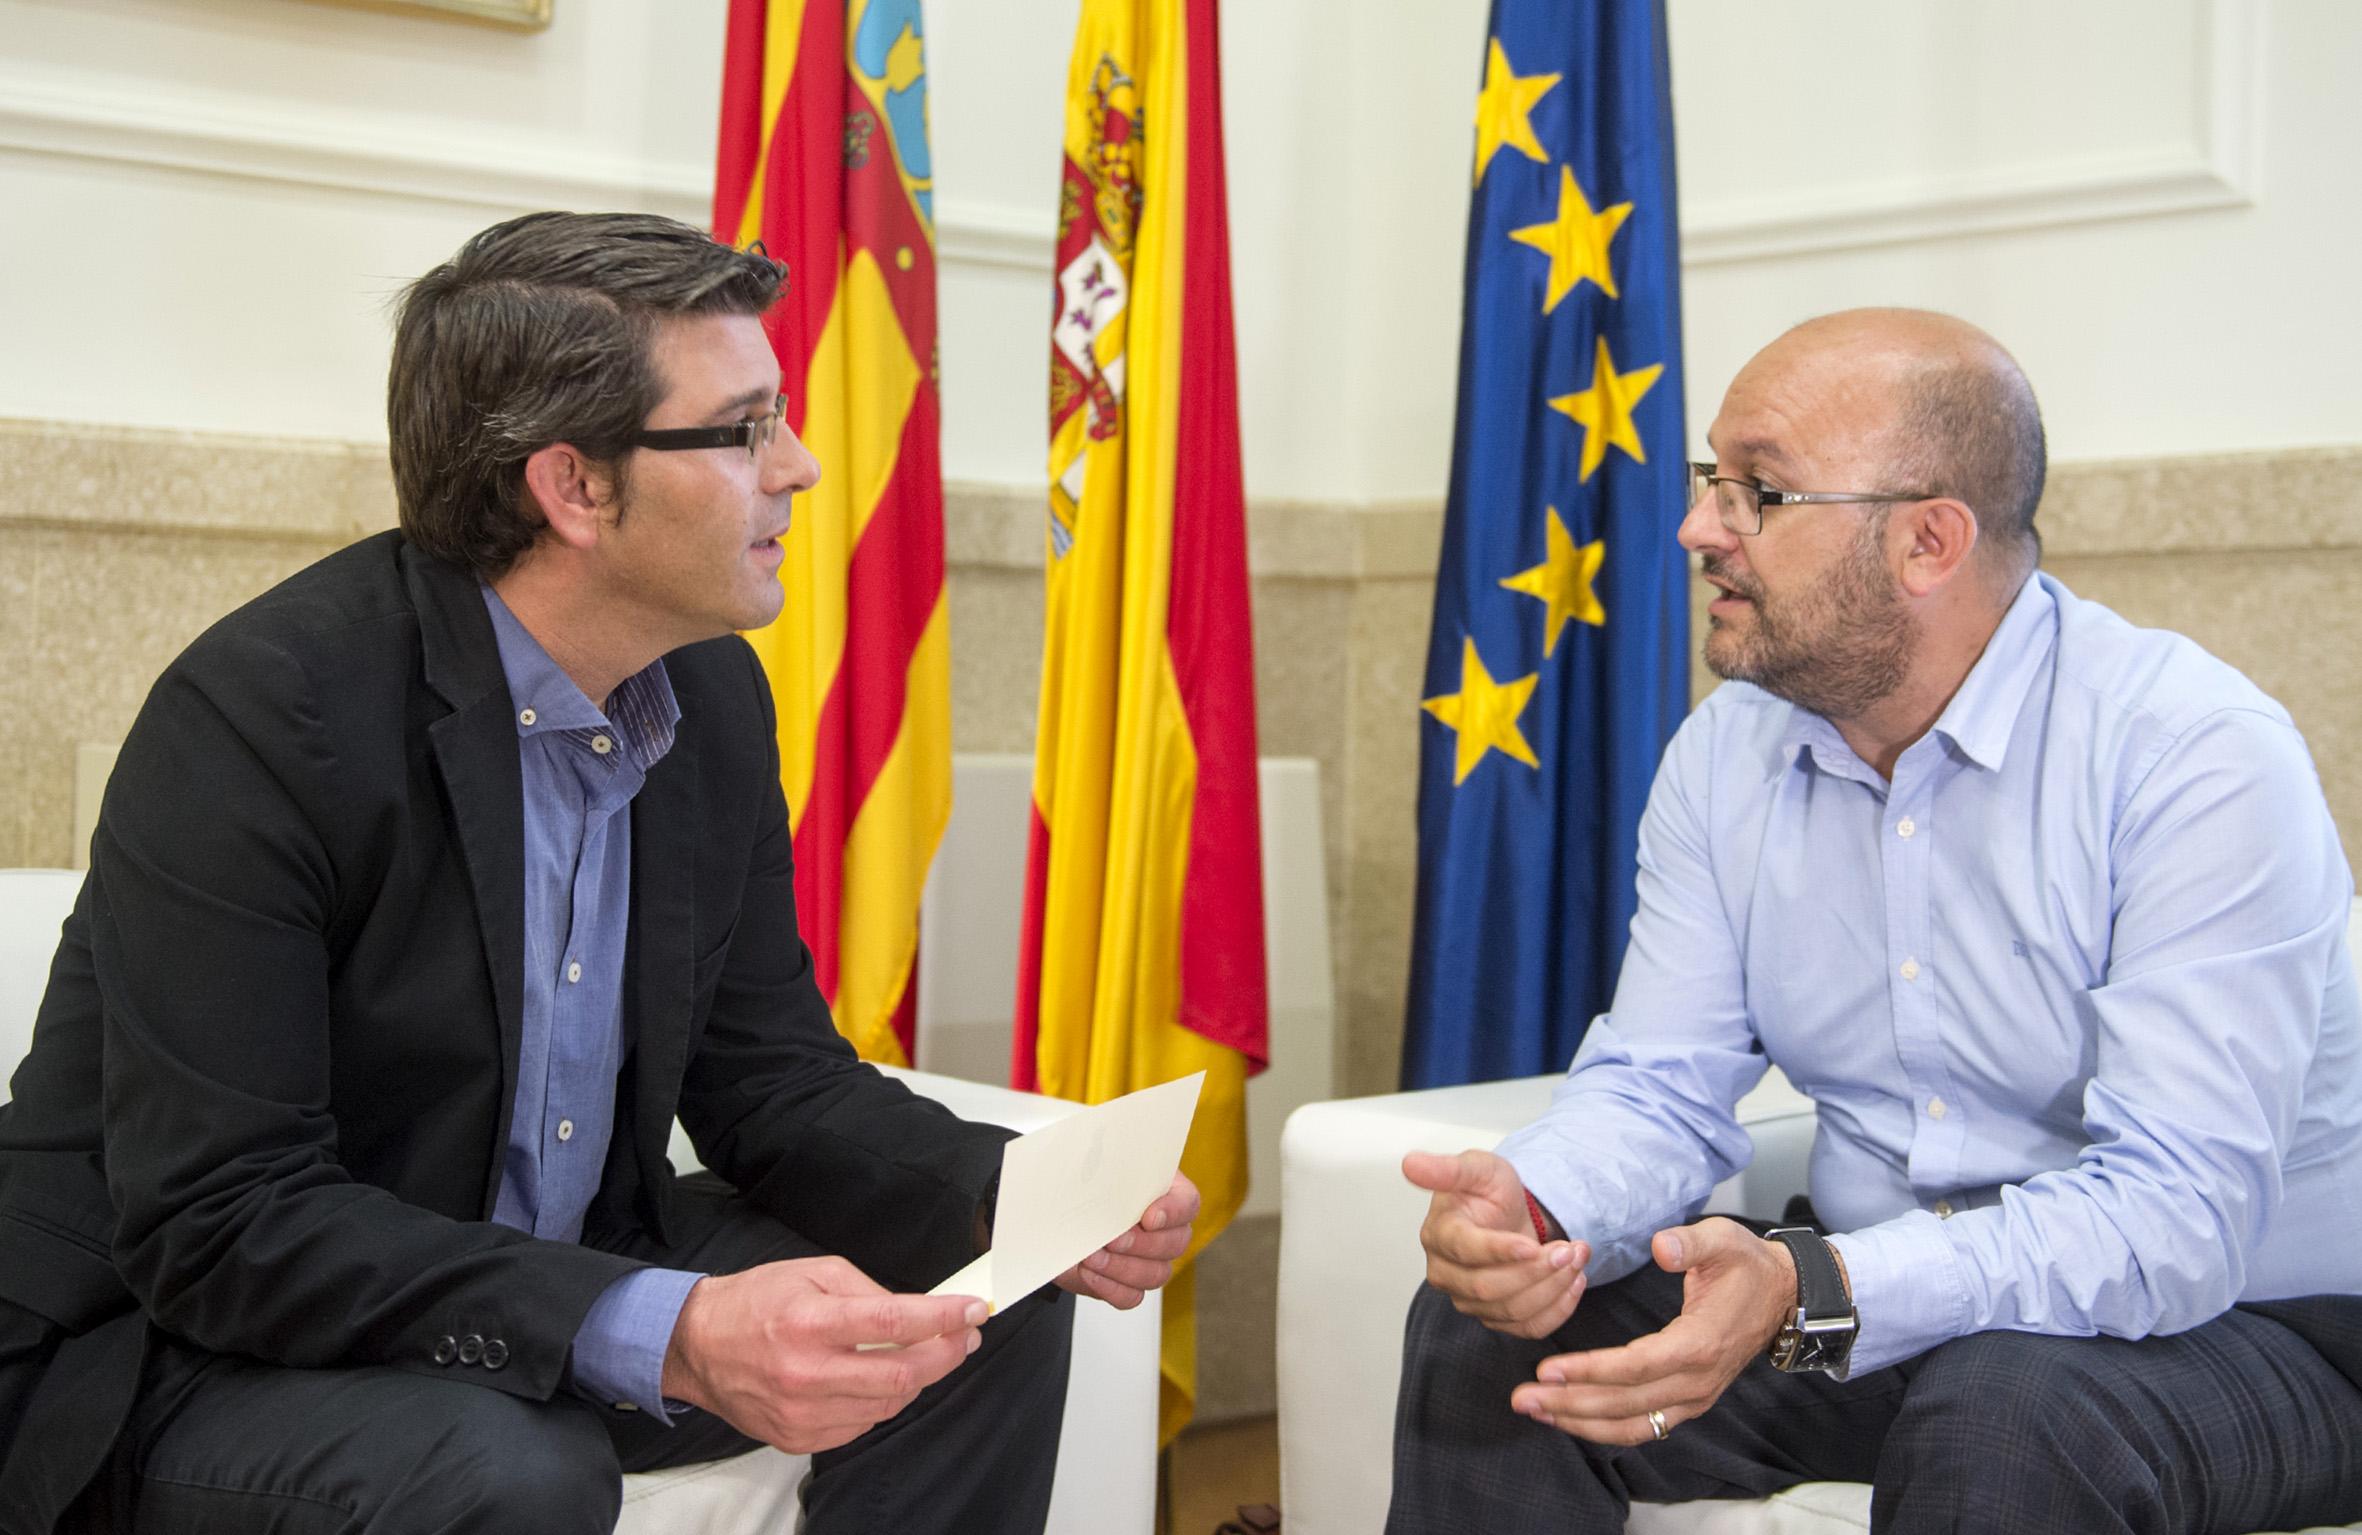 El presidente de la Diputación junto al alcalde de Utiel. Foto: R. Albulaila.